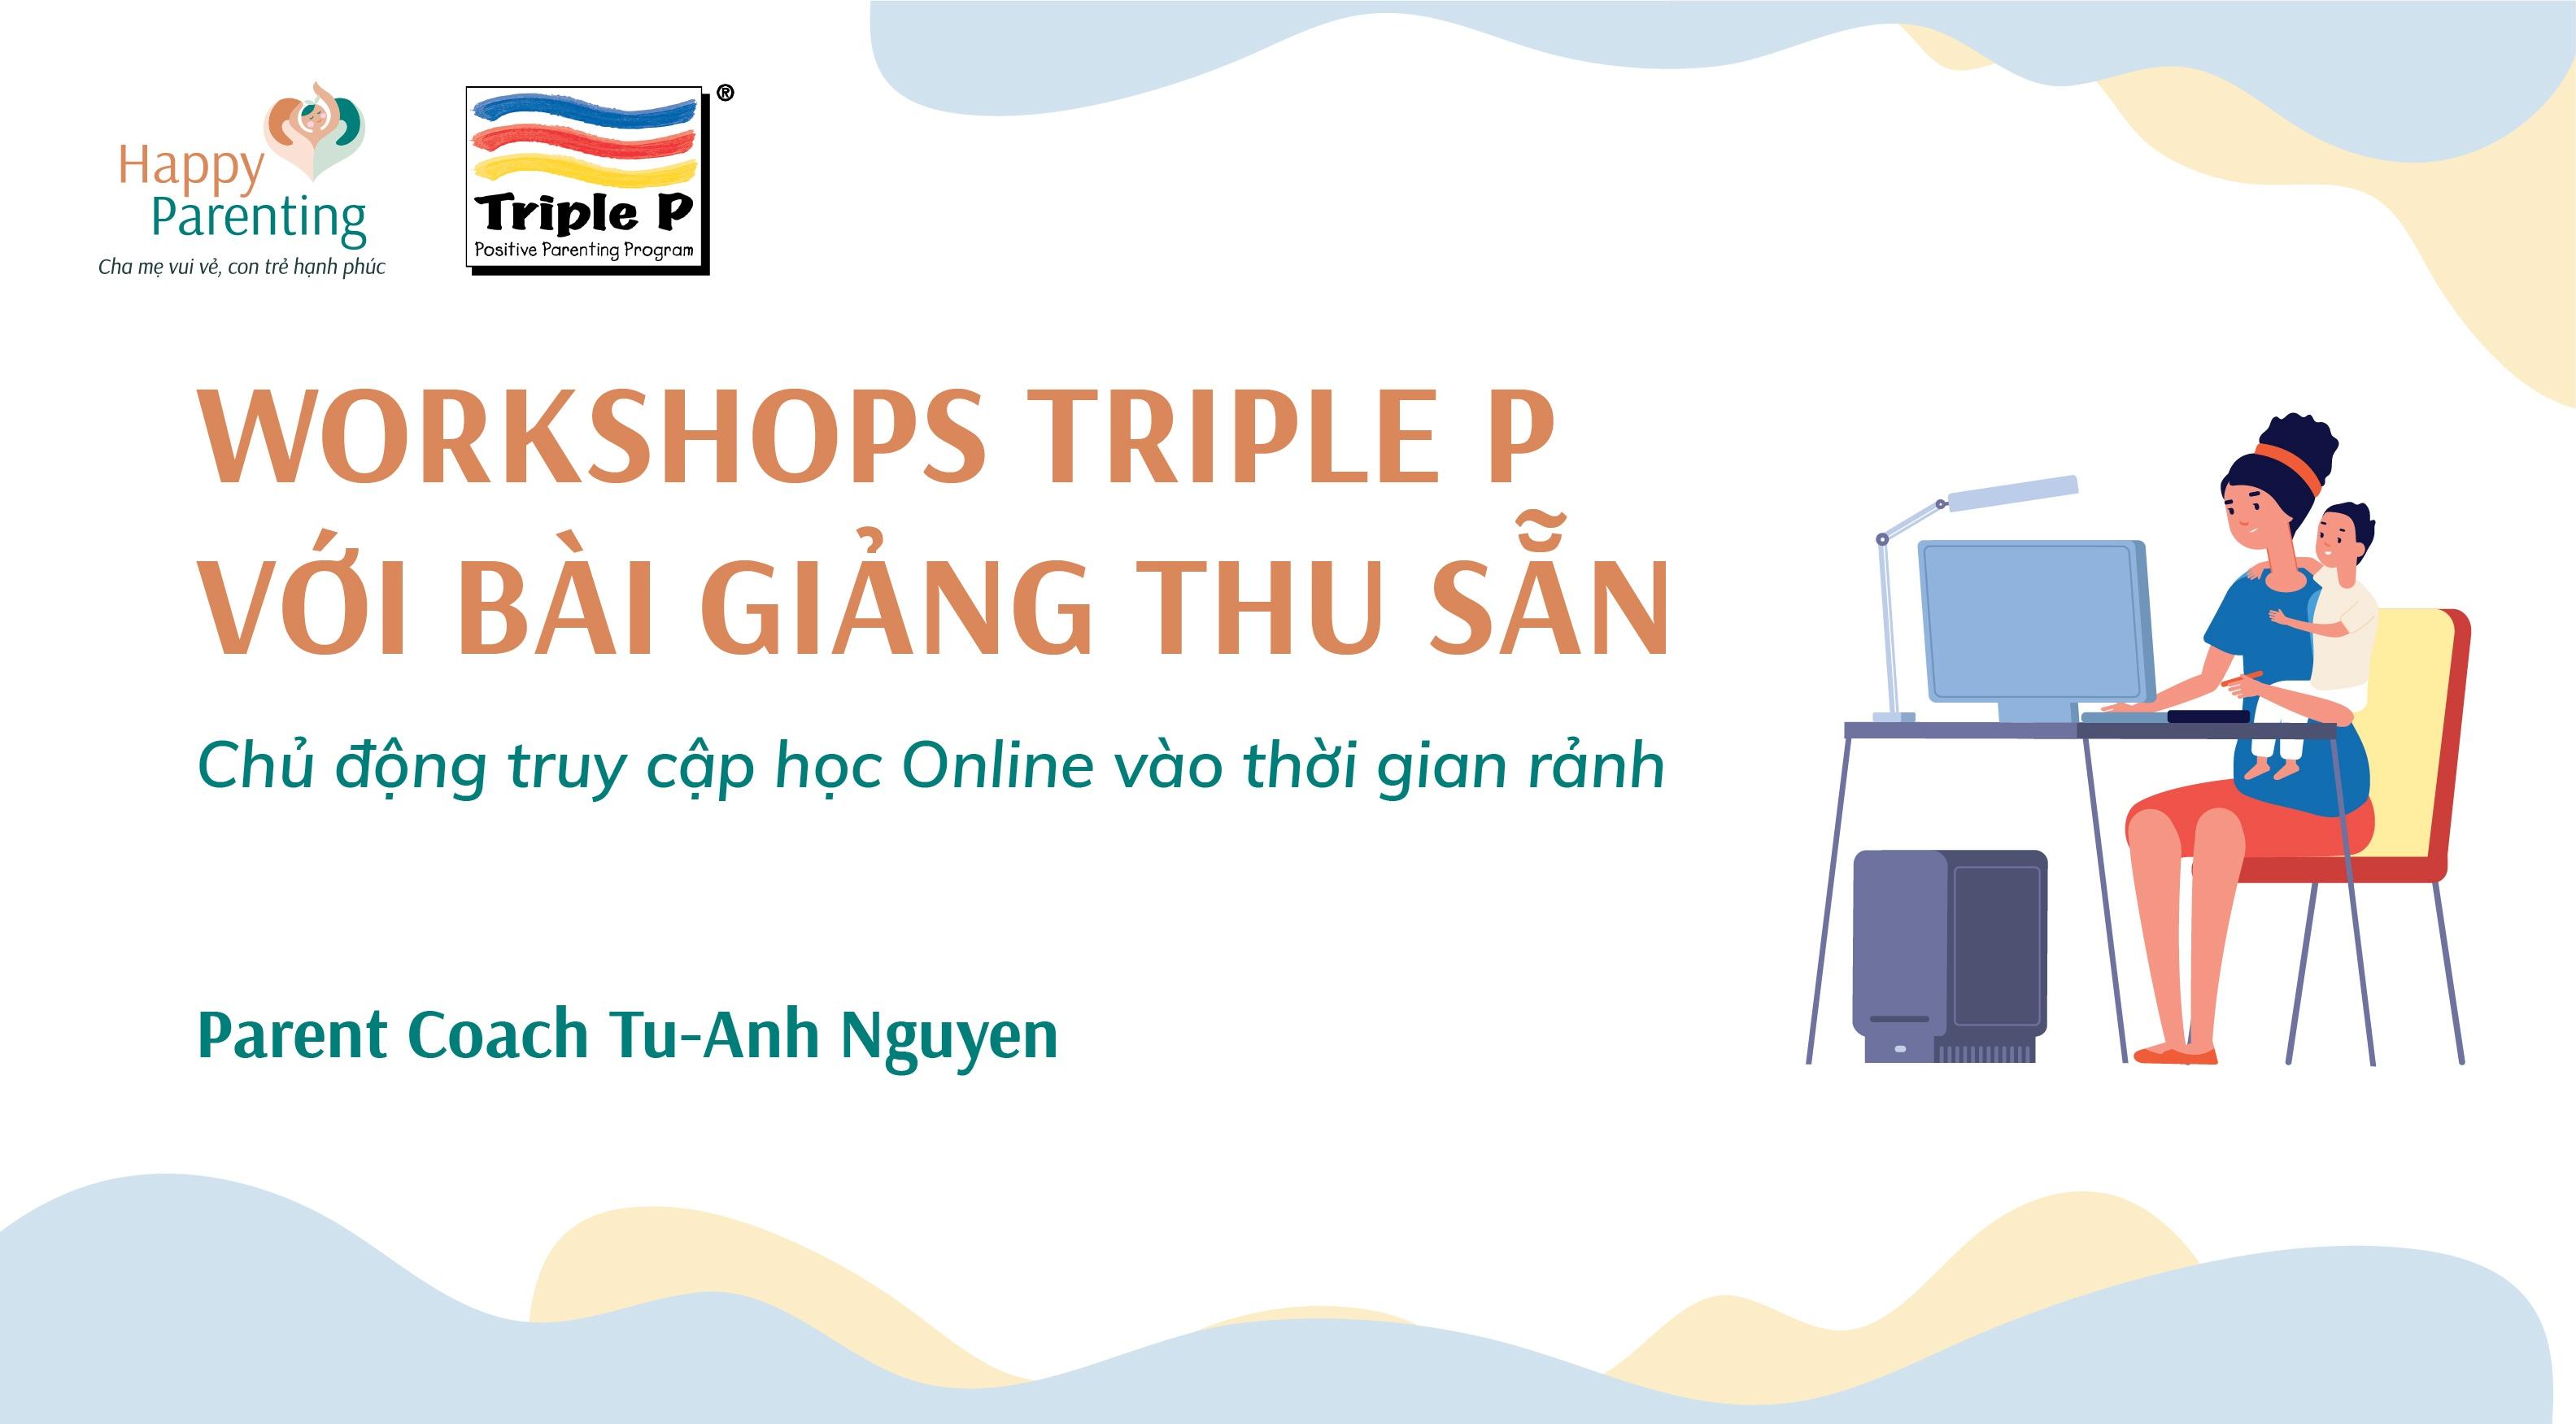 TRIPLE P WORKSHOPS - BÀI GIẢNG THU SẴN